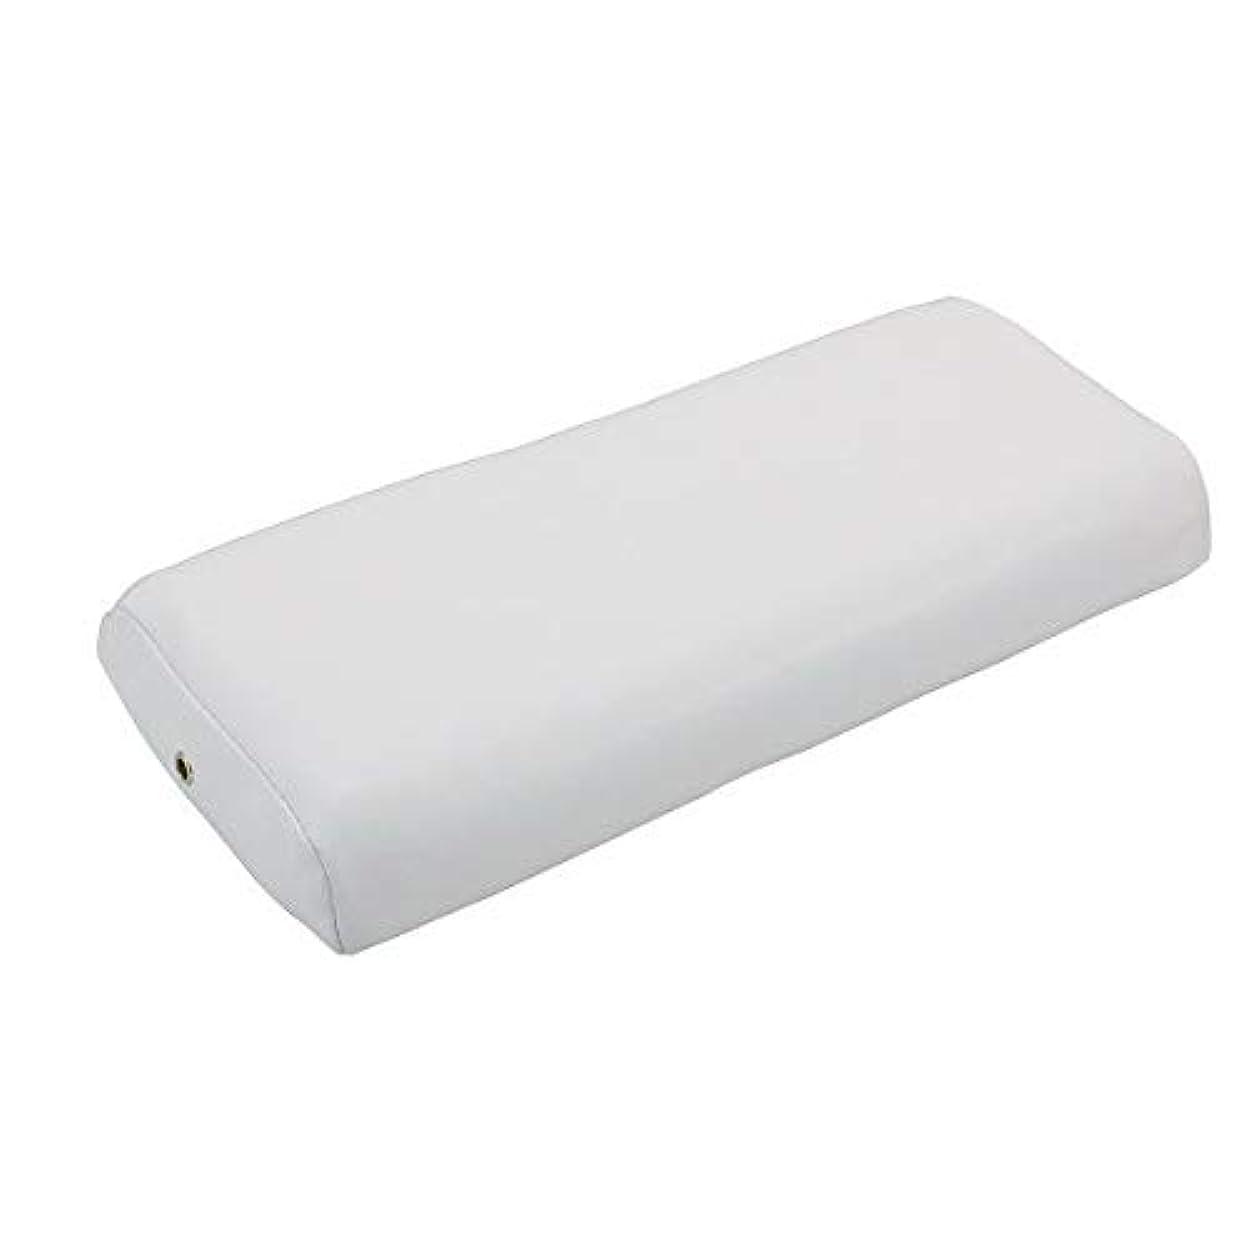 消防士本当のことを言うと食用NEOかどまる枕 FV-921 【 ホワイト 】 フェイスまくら フェイス枕 うつぶせ枕 マッサージ枕